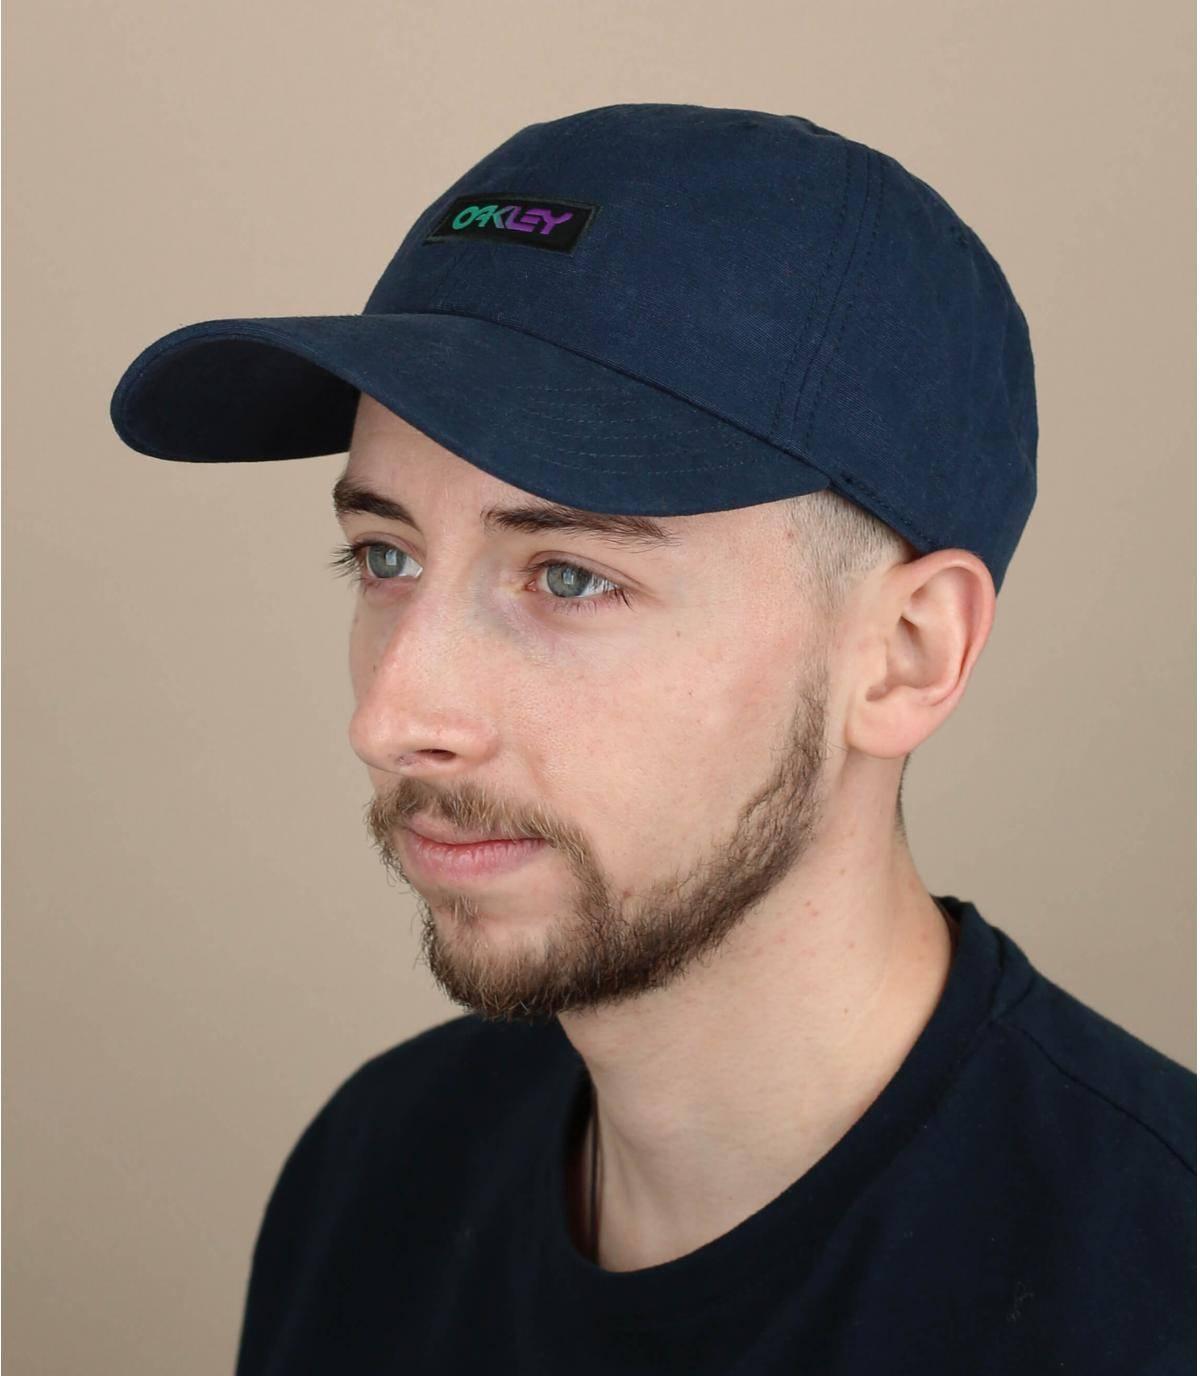 cappellino Oakley blu